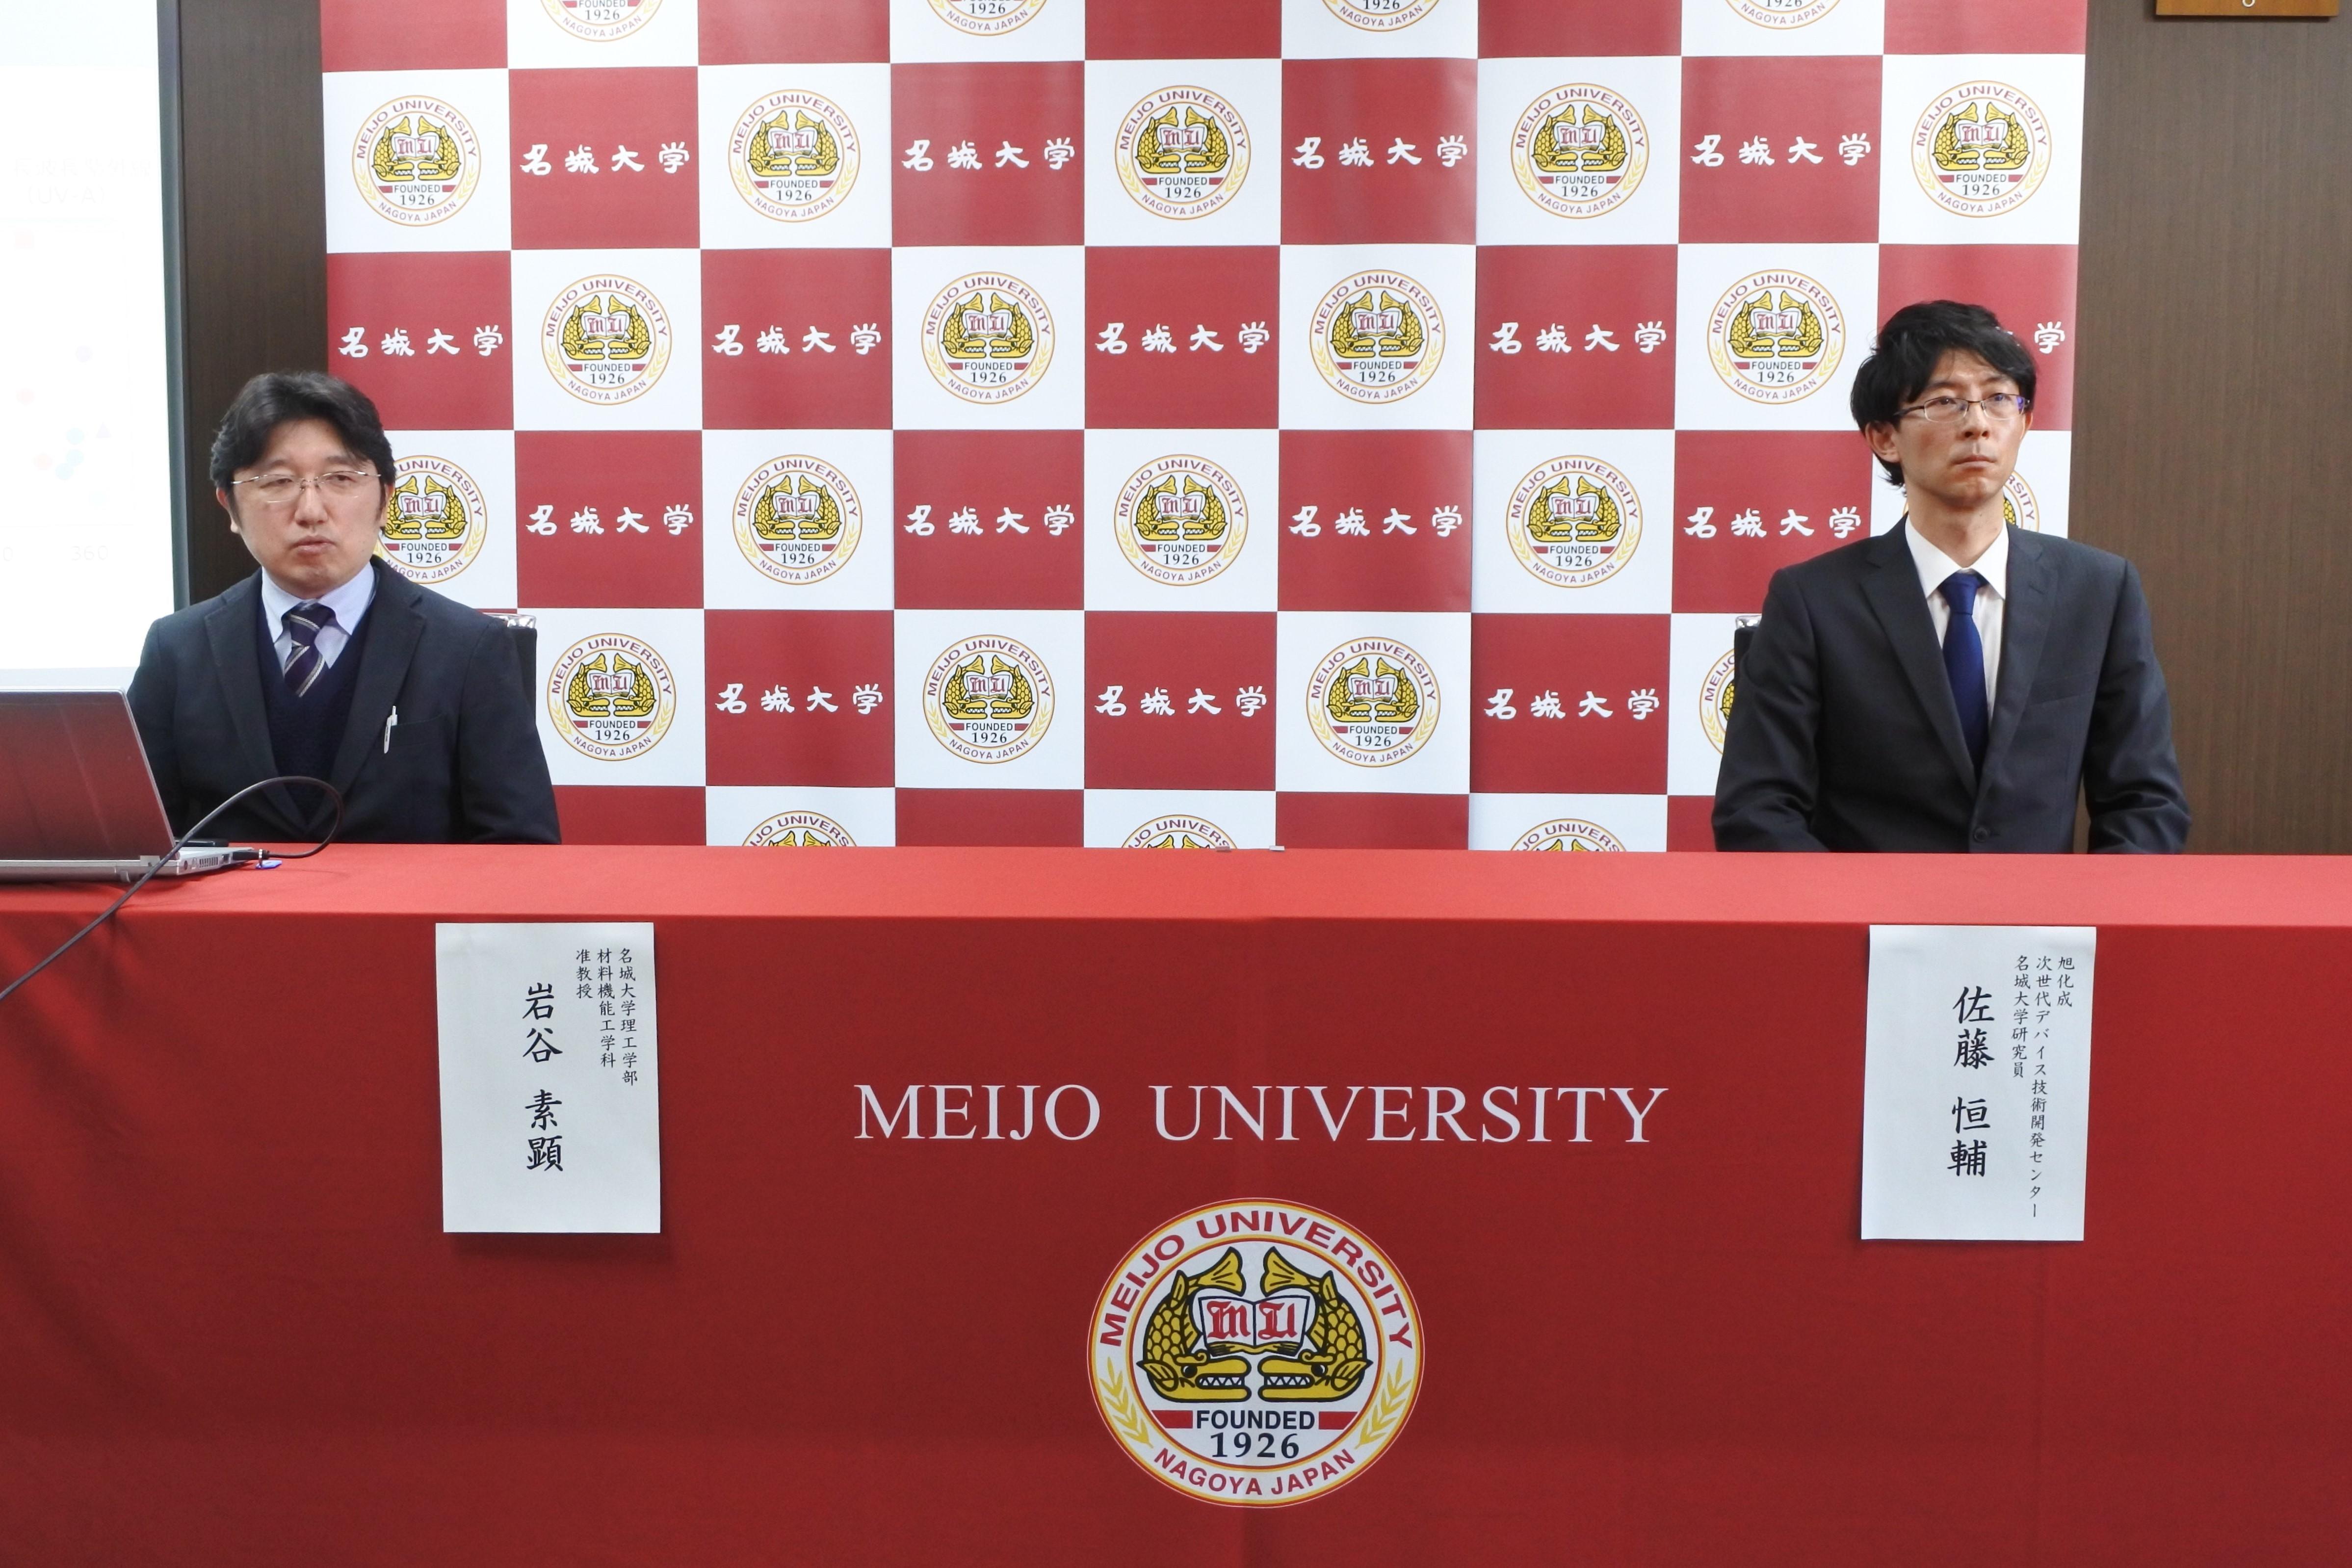 記者会見する岩谷准教授(左)と佐藤さん